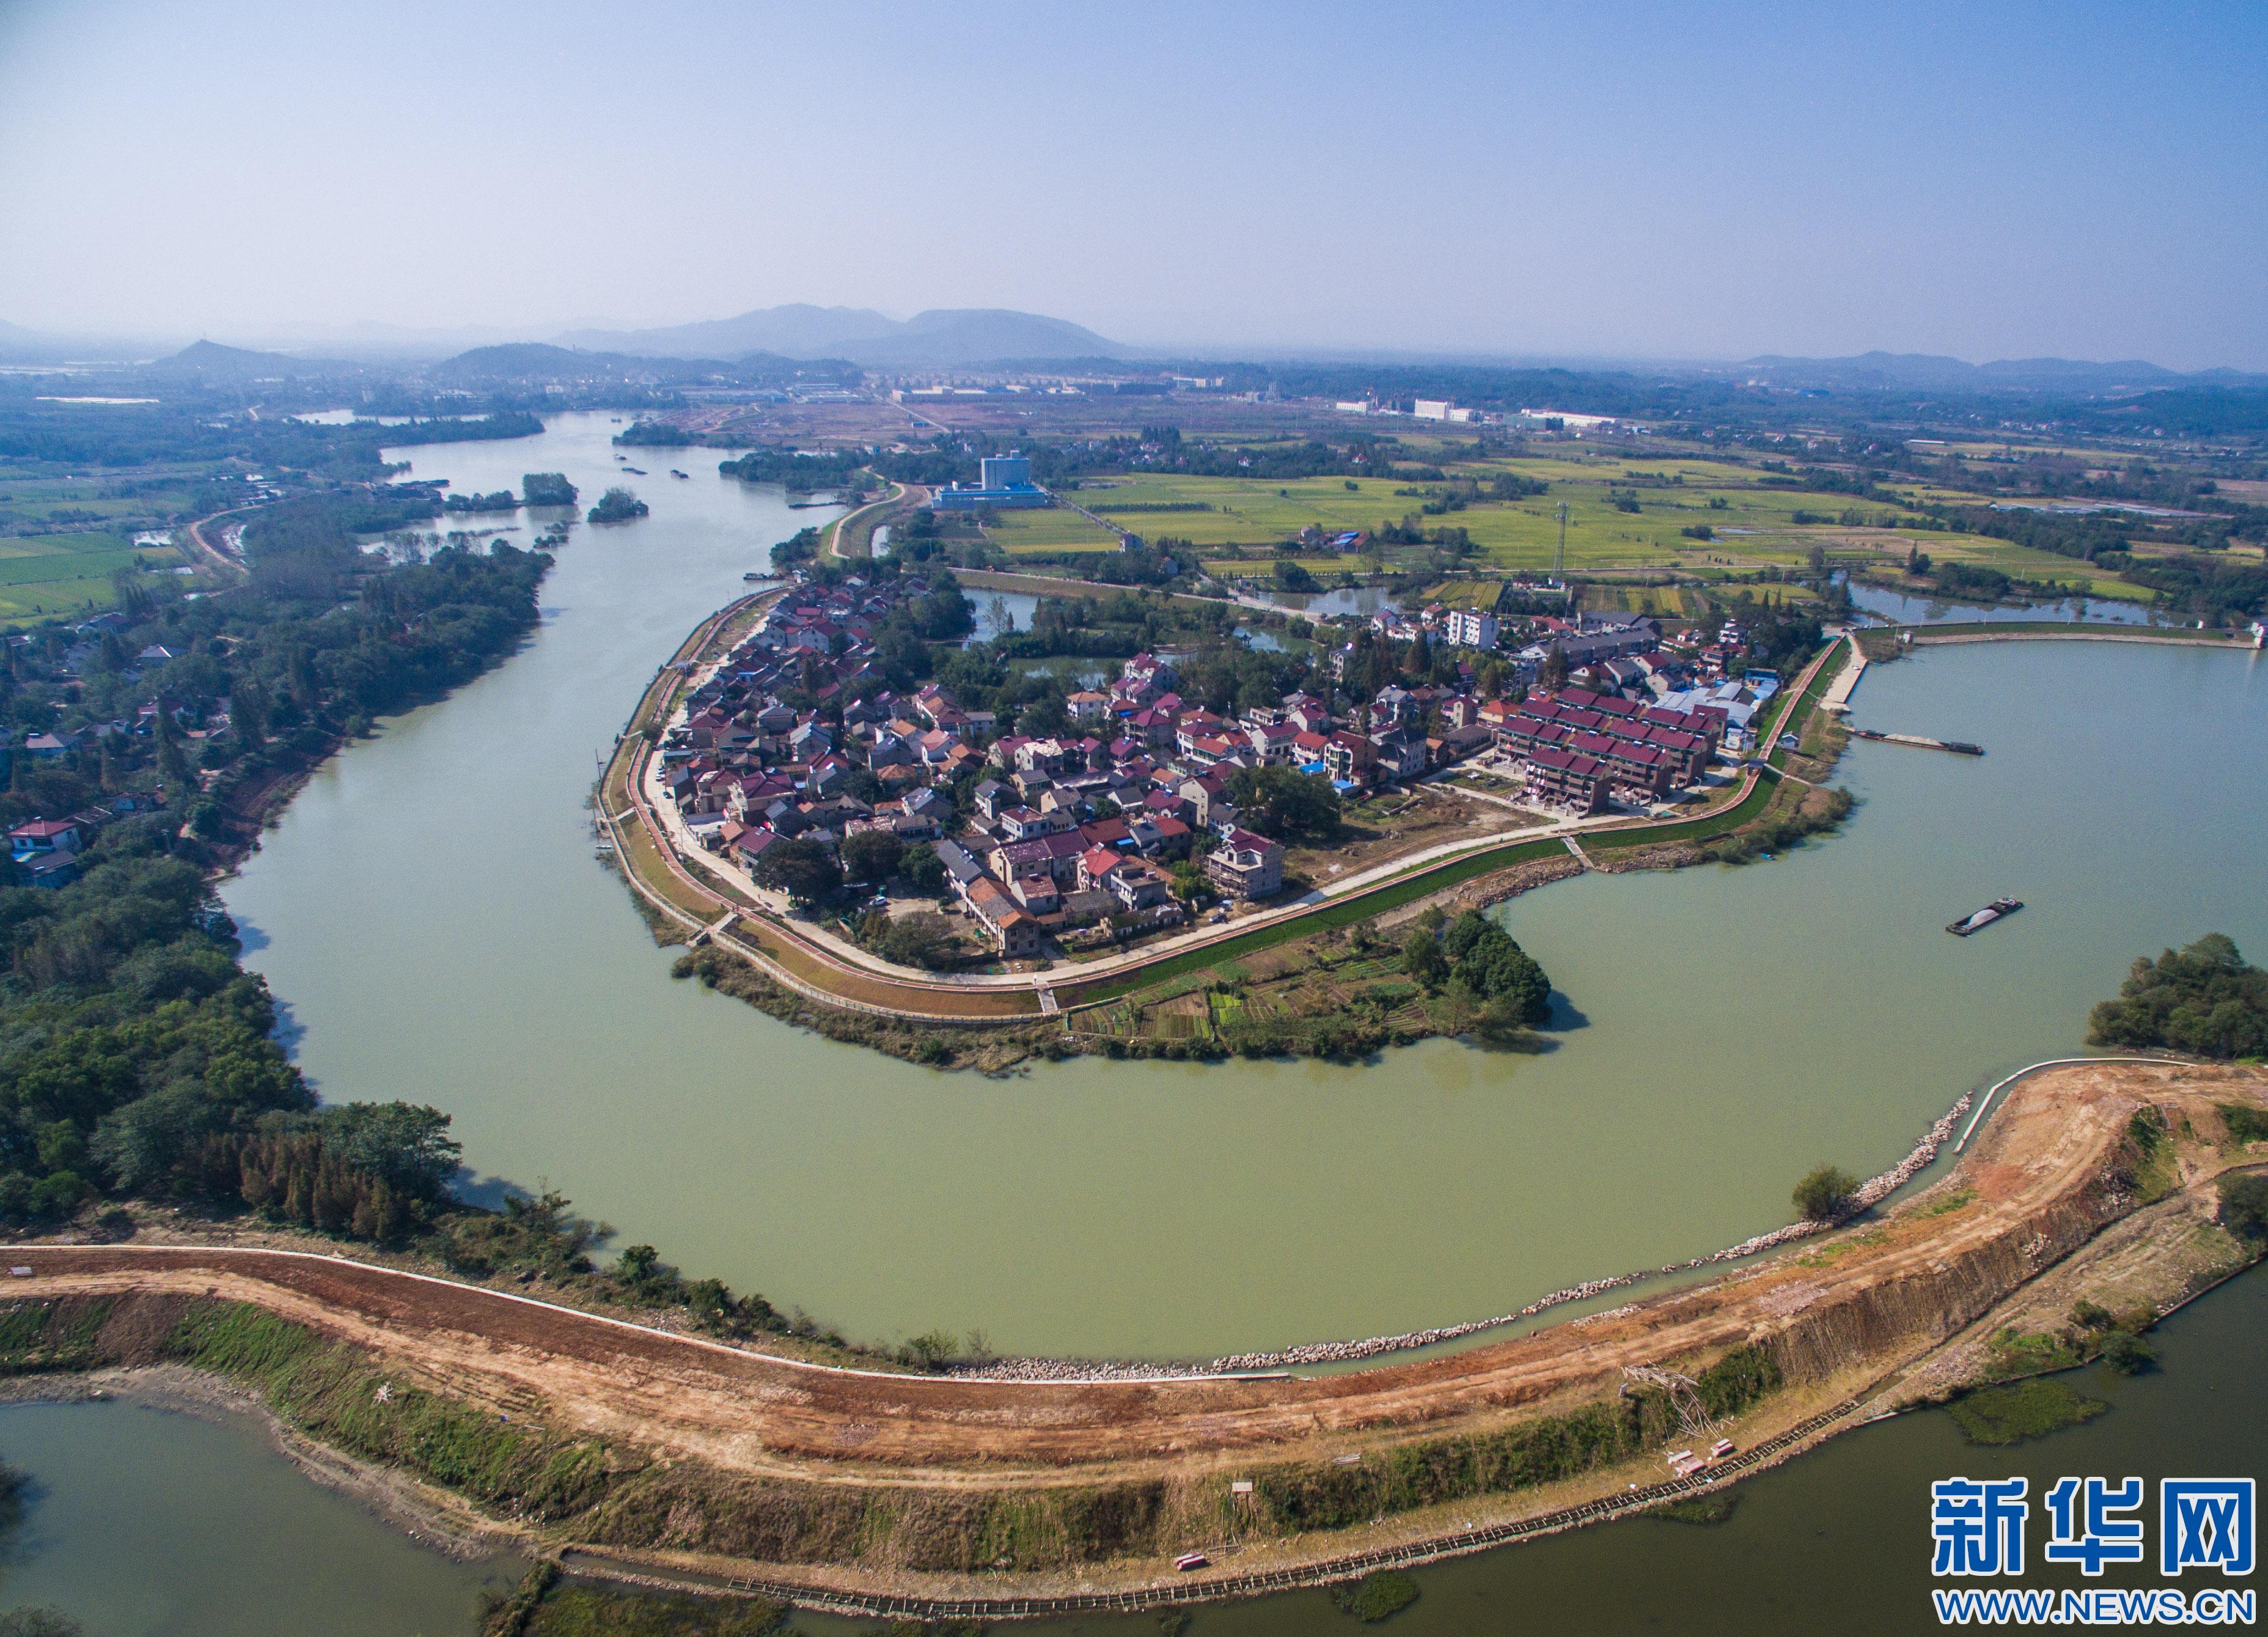 浙江安吉:清水入湖 美丽生态